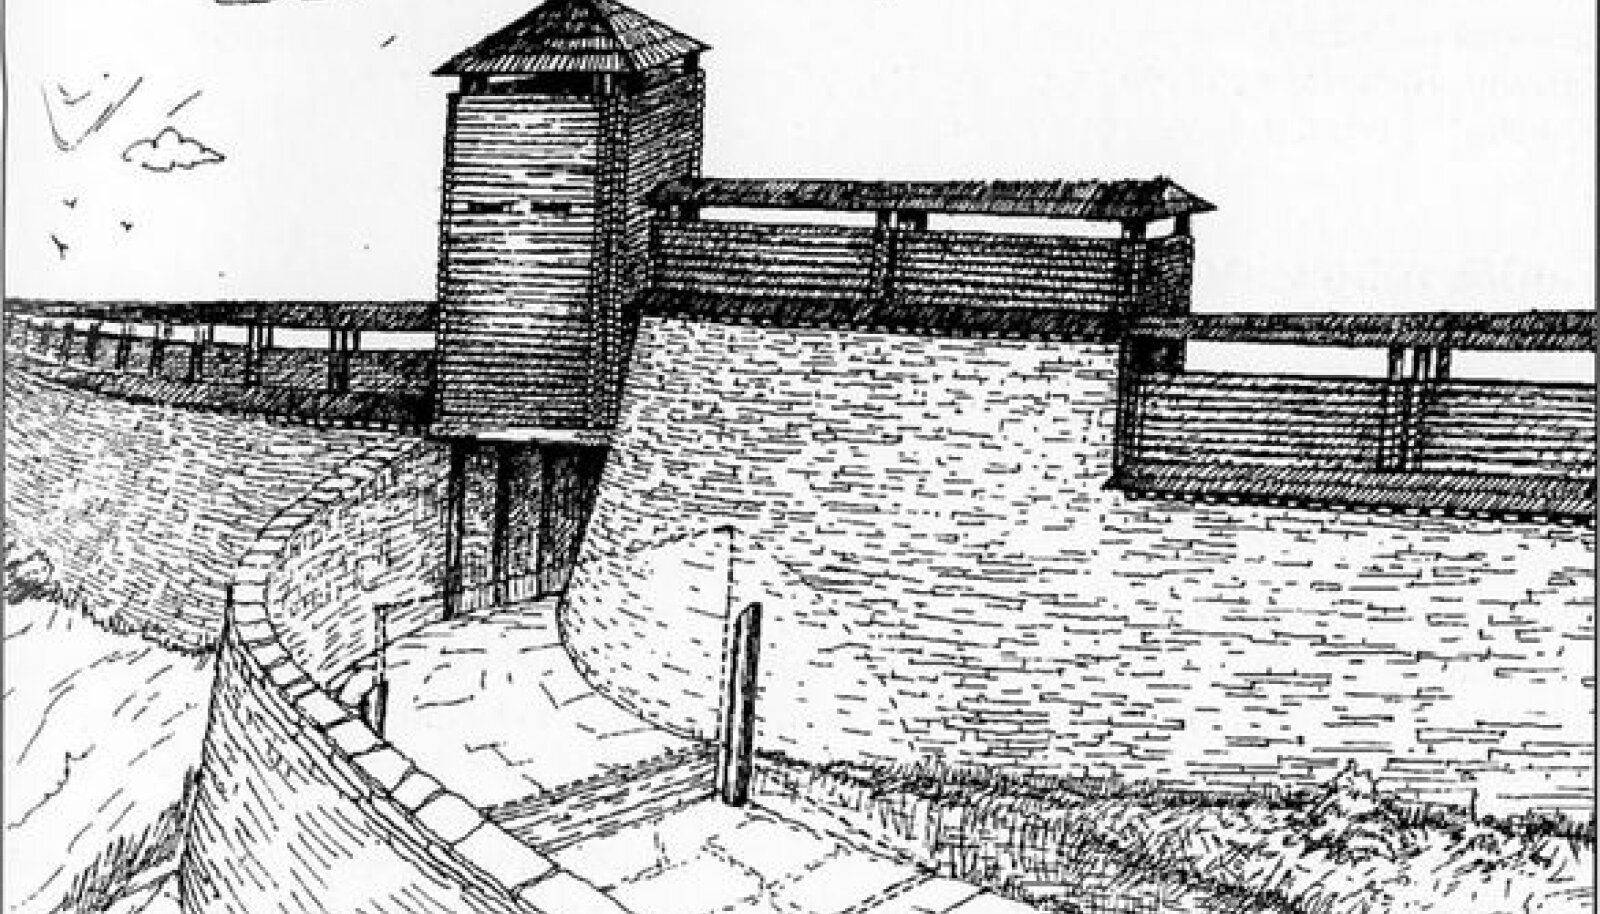 Varbola linnus: Väravakäigu ja vallidepealse rajatise virtuaalne rekonstruktsioon.